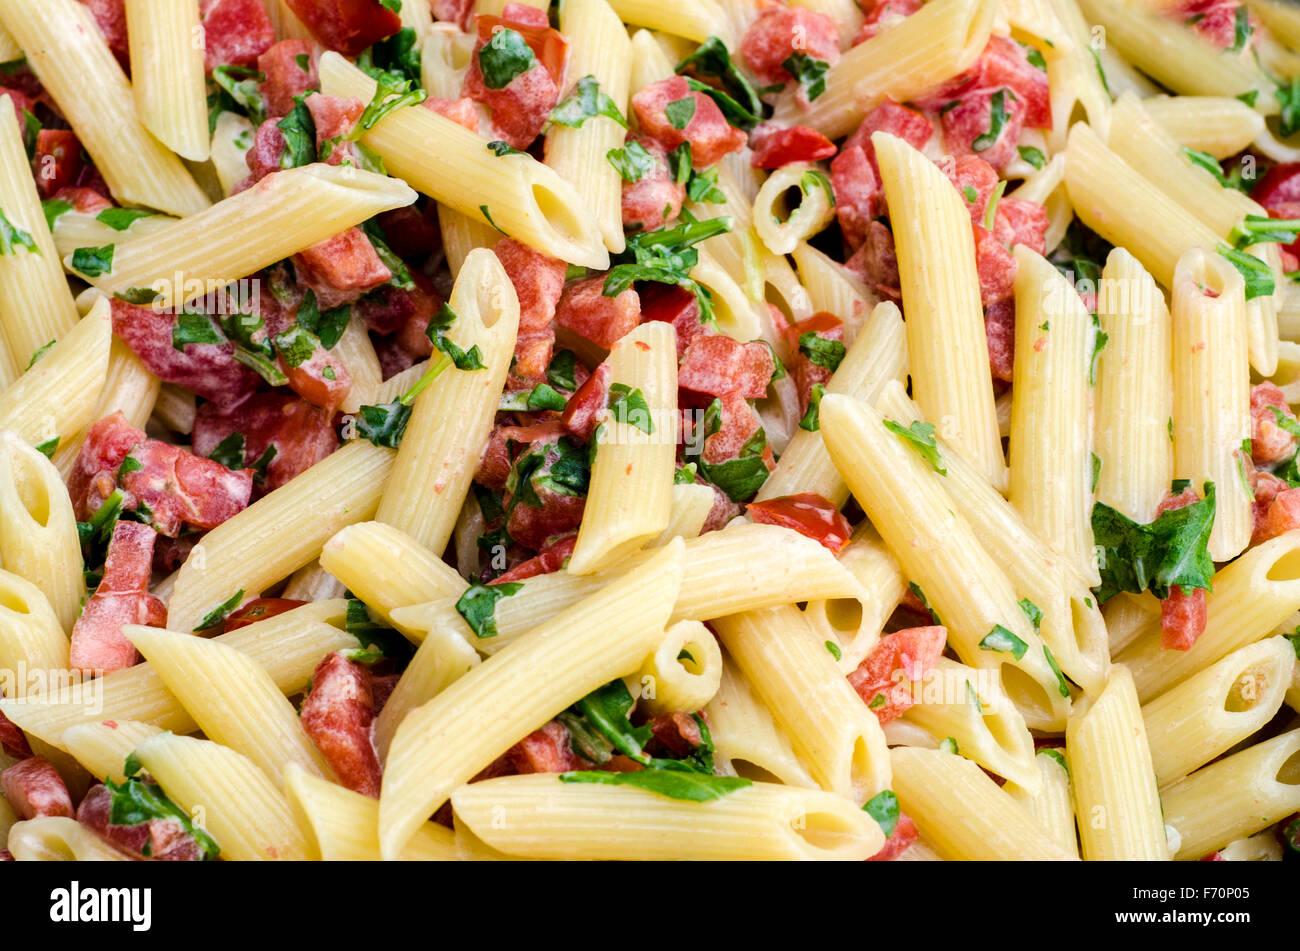 La cuisine italienne: pâtes appelées pennette mezze avec tomates en morceaux et la roquette. L'échantillon Photo Stock